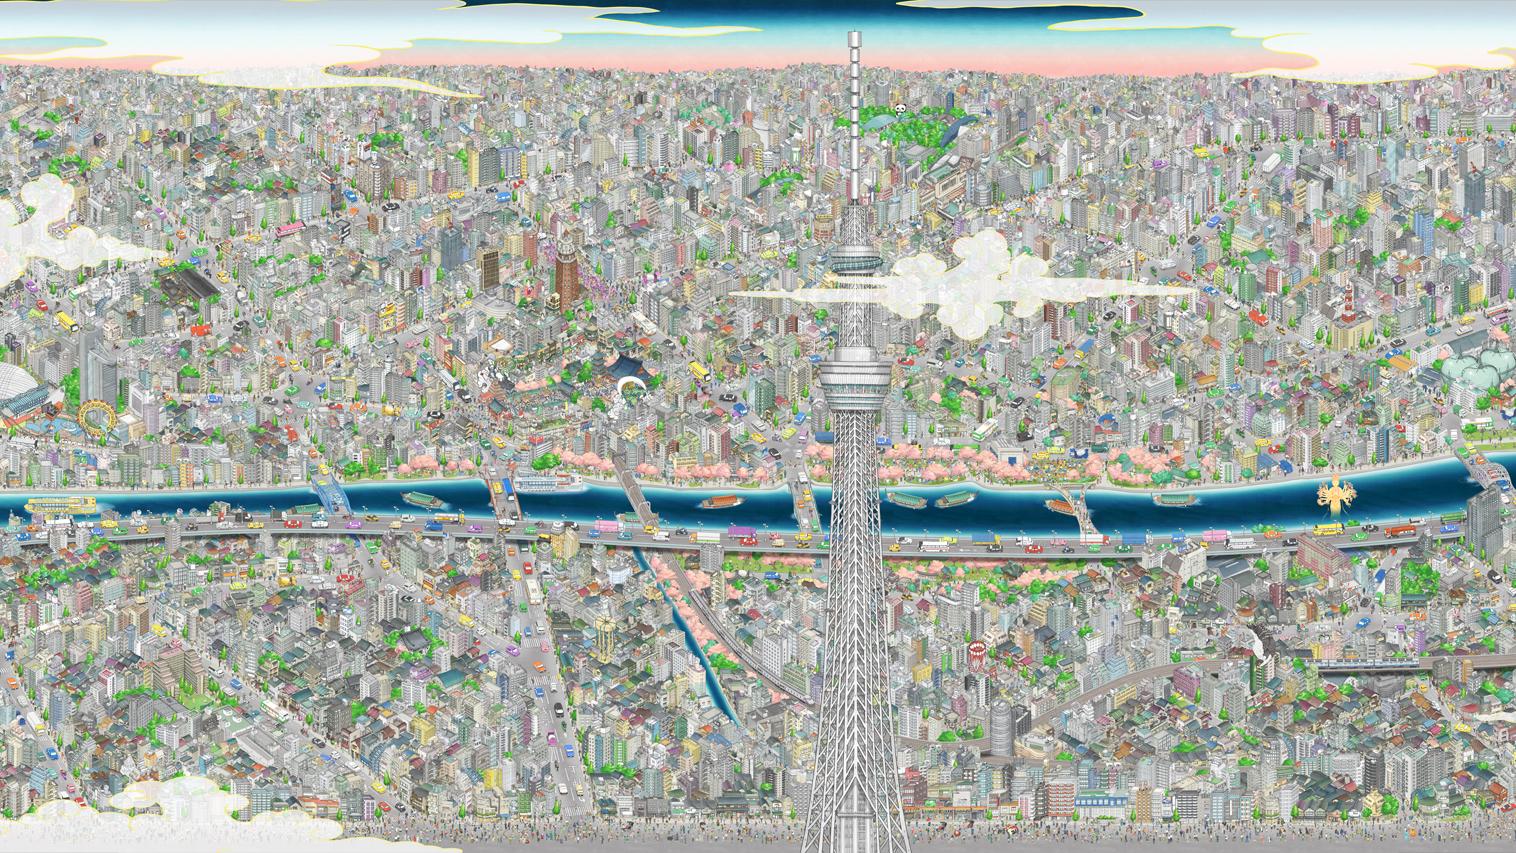 Tokyo skytree mural teamLab